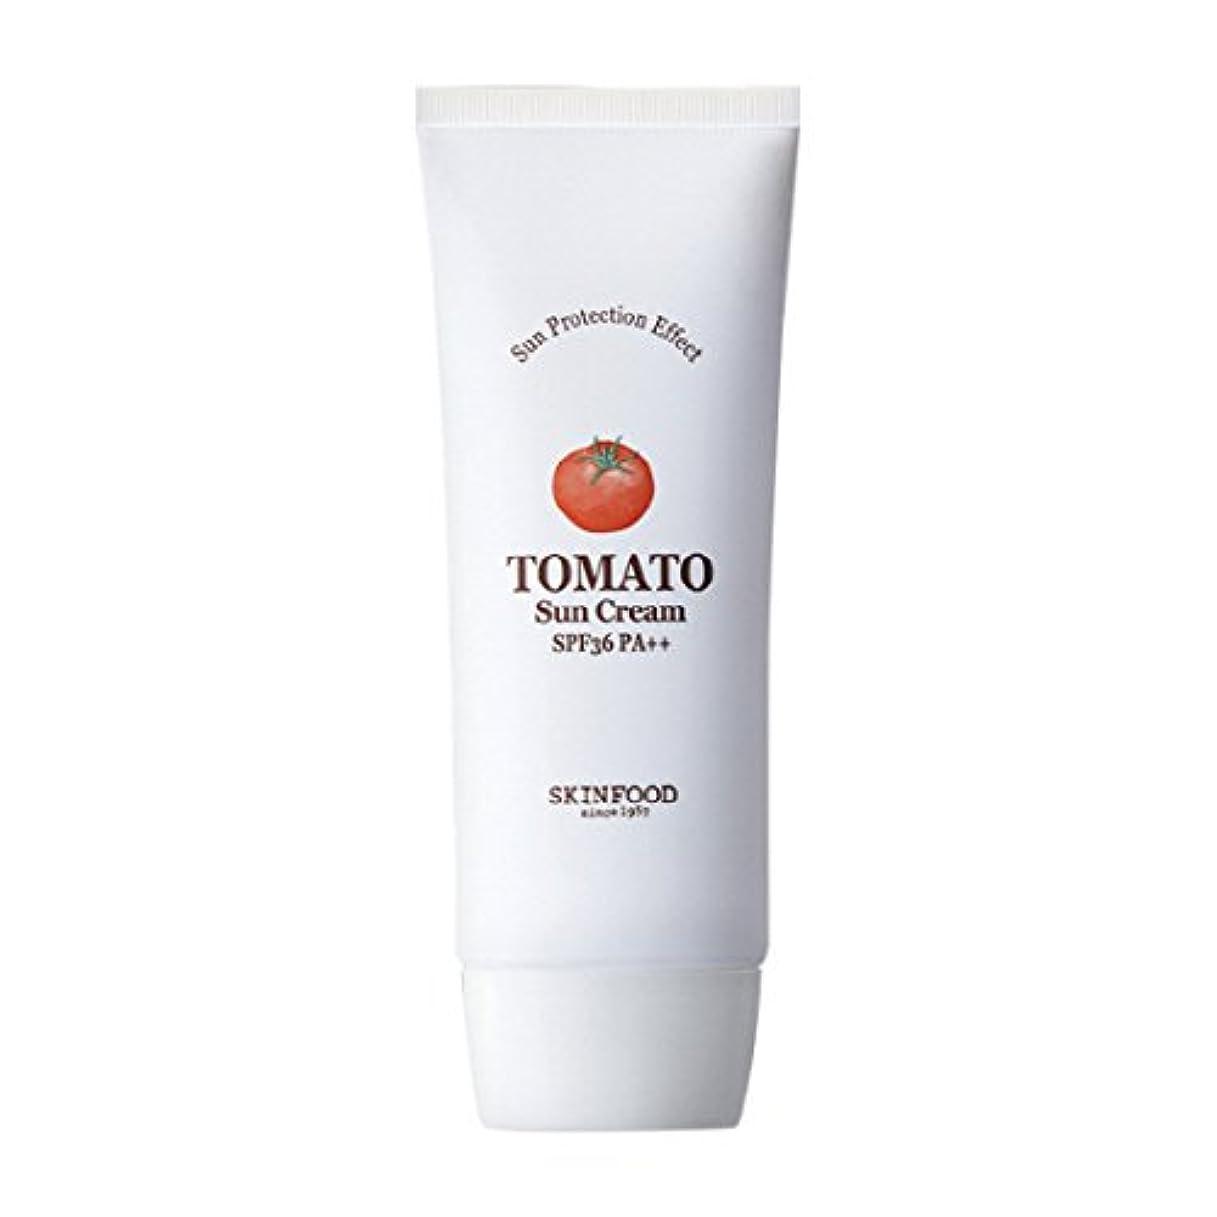 インレイ民主主義パドルSkinfood トマトサンクリームSPF 36 PA ++(UVプロテクション) / Tomato Sun Cream SPF 36 PA++ (UV Protection) 50ml [並行輸入品]